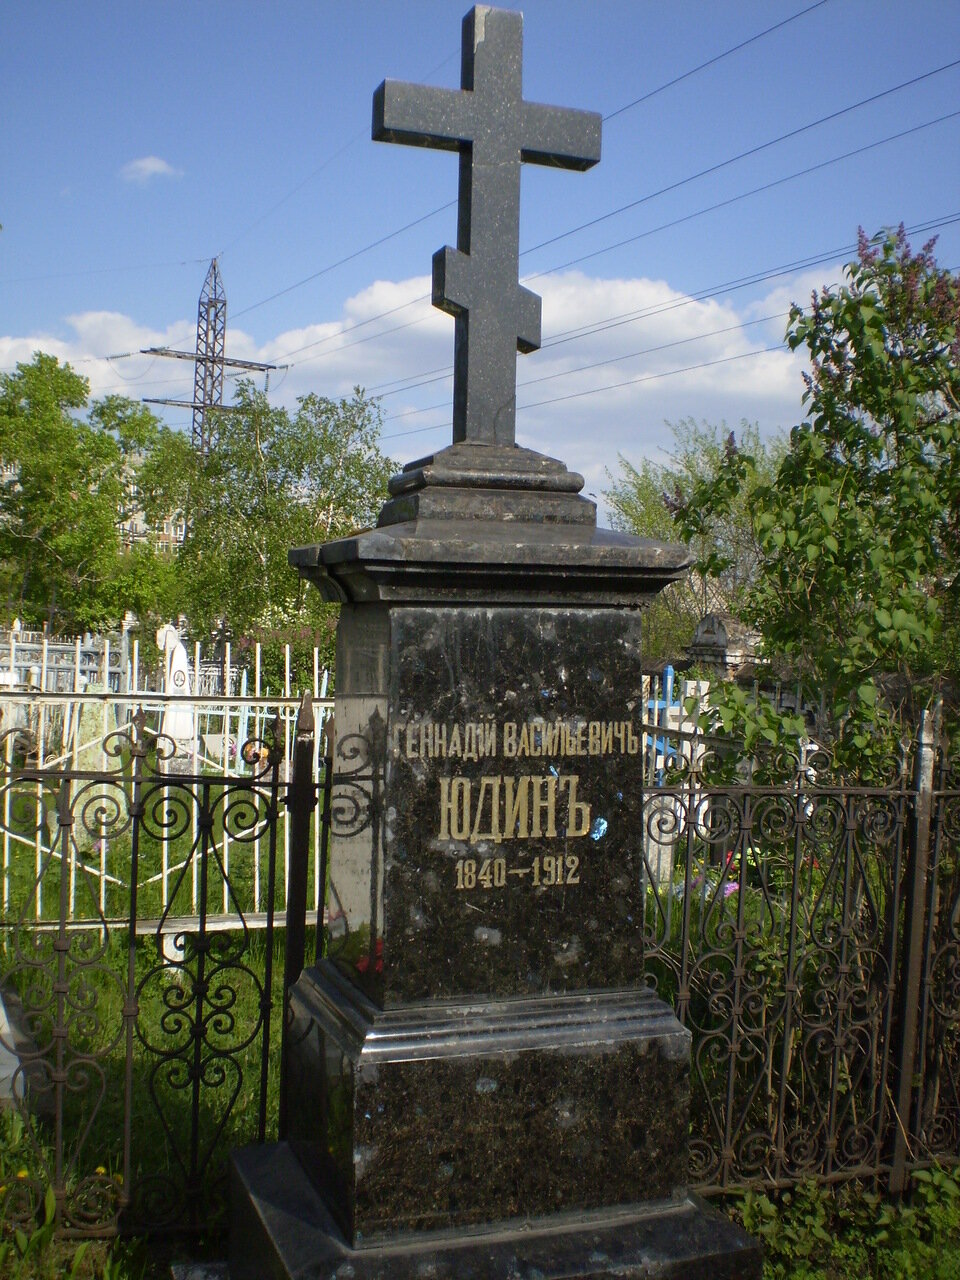 Могила Г. В. Юдина на Троицком кладбище